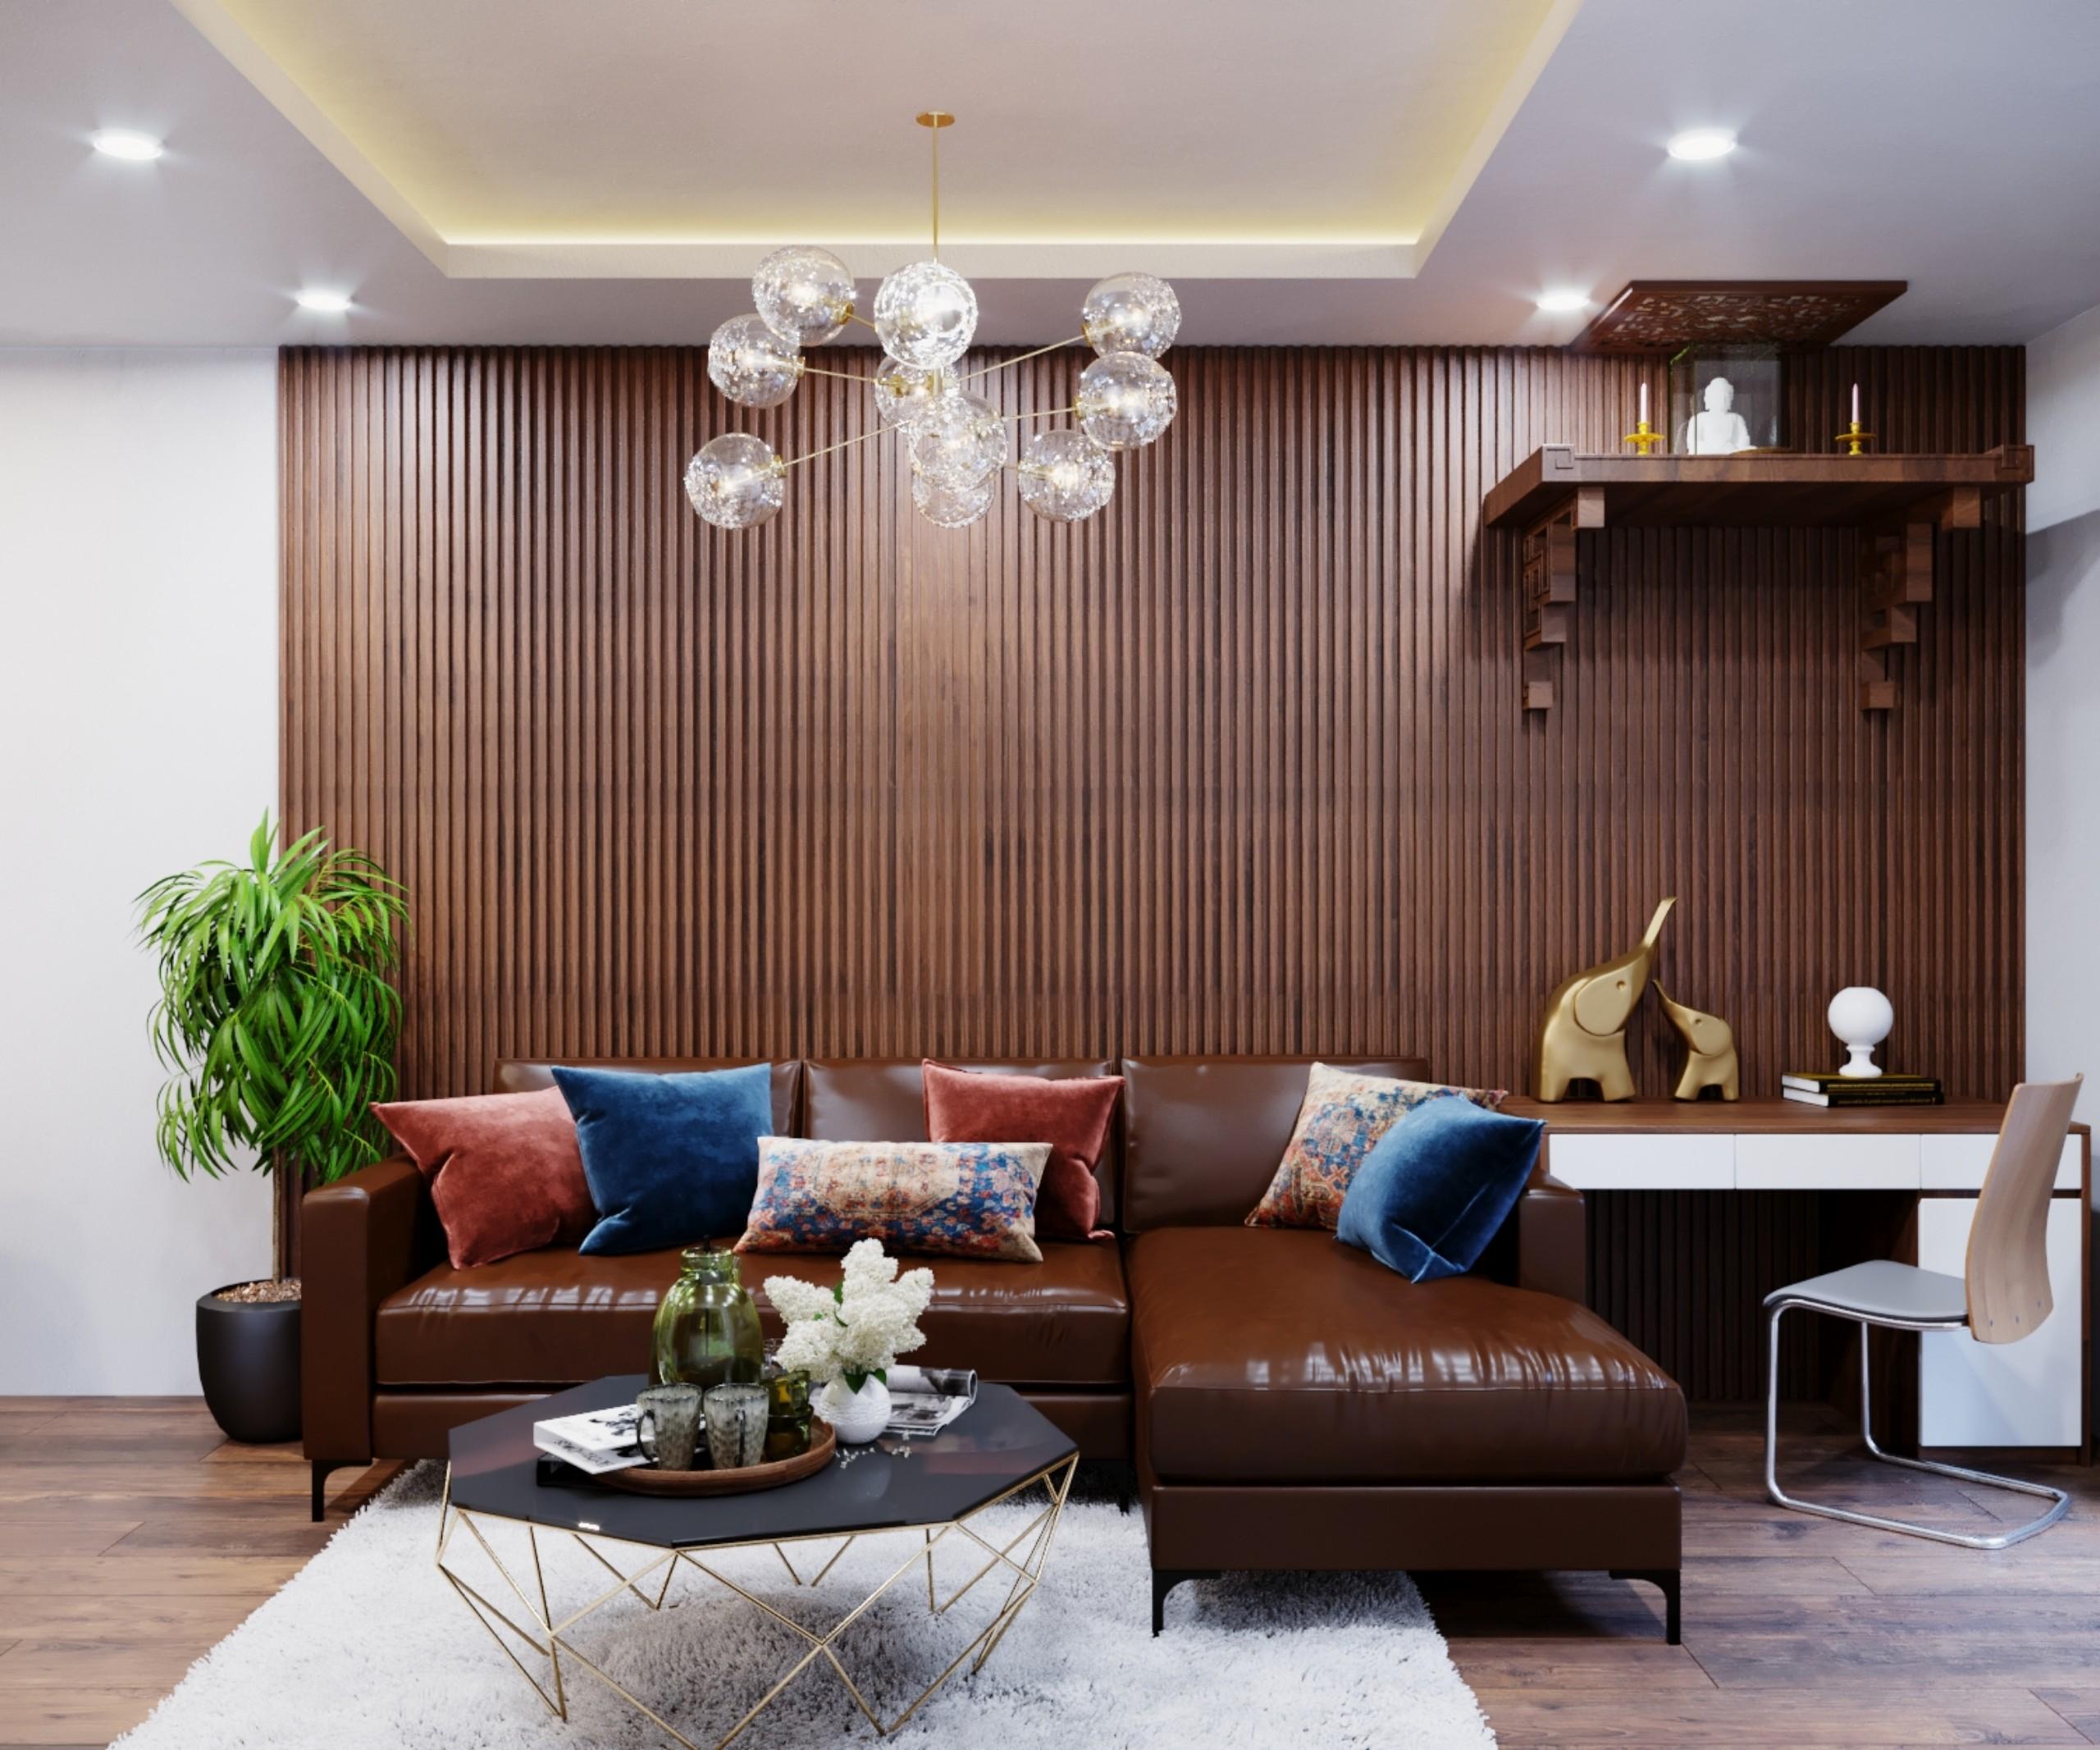 Những mẫu nhà chung cư đẹp ở Hà Nội 7